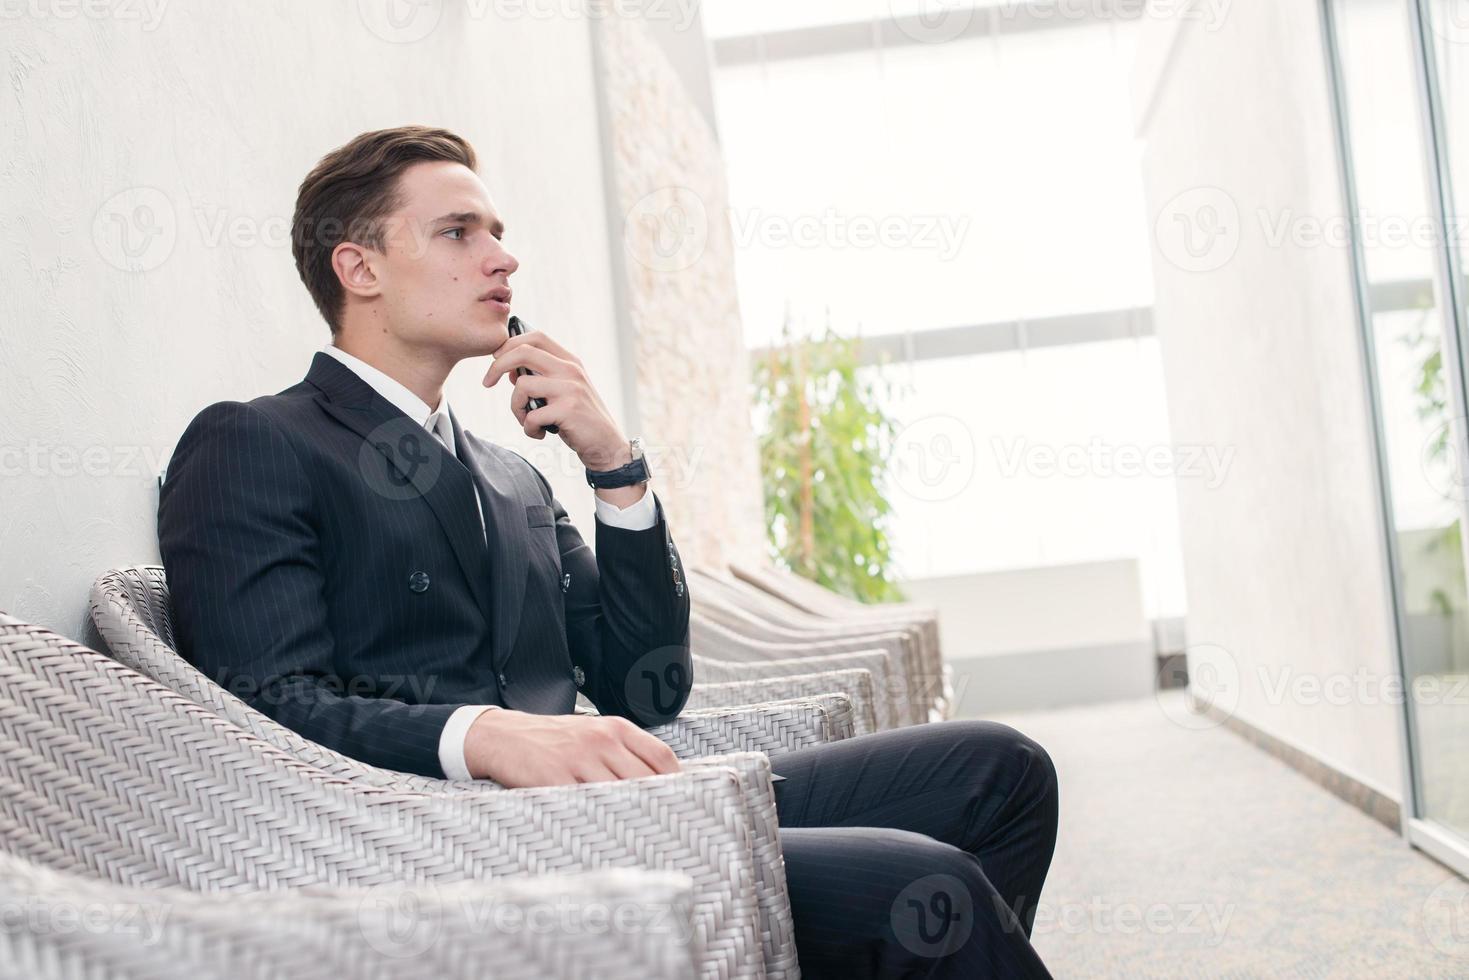 empleado pensativo empresario confiado pensando en negocios foto